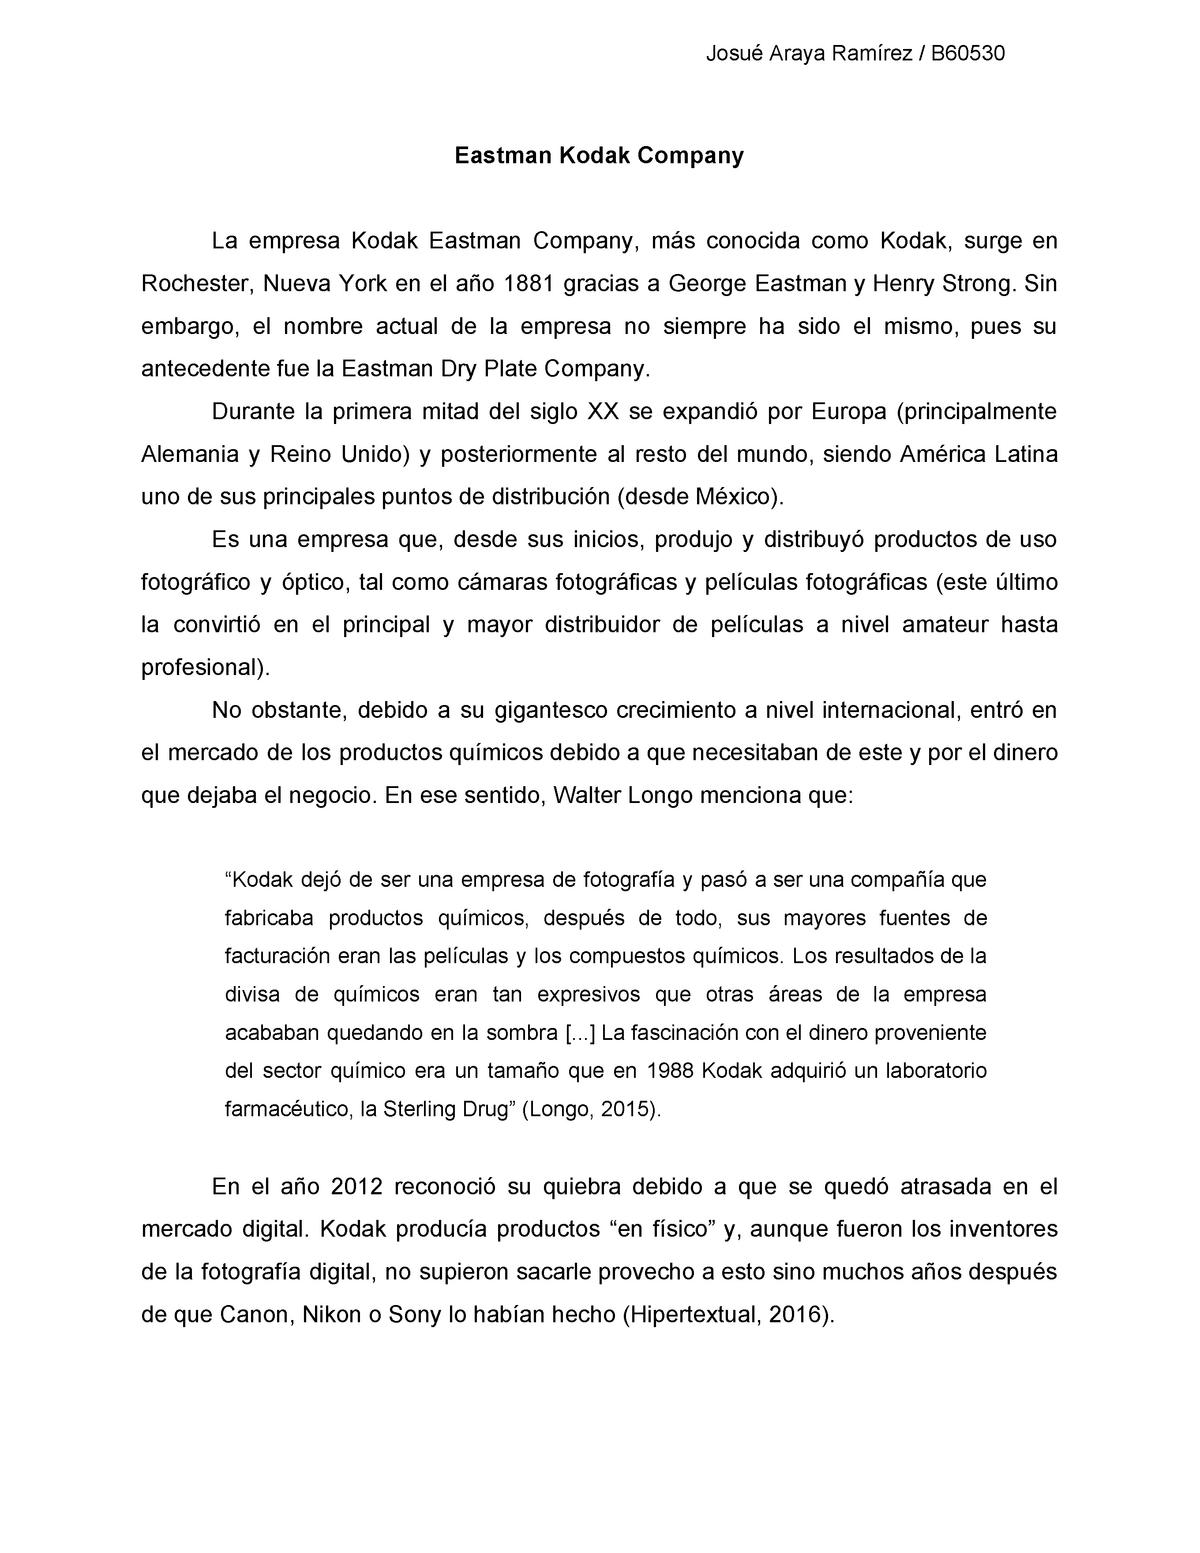 Kodak Gf0108 Geografia Del Norte Y Suramerica Gf0103 Studocu